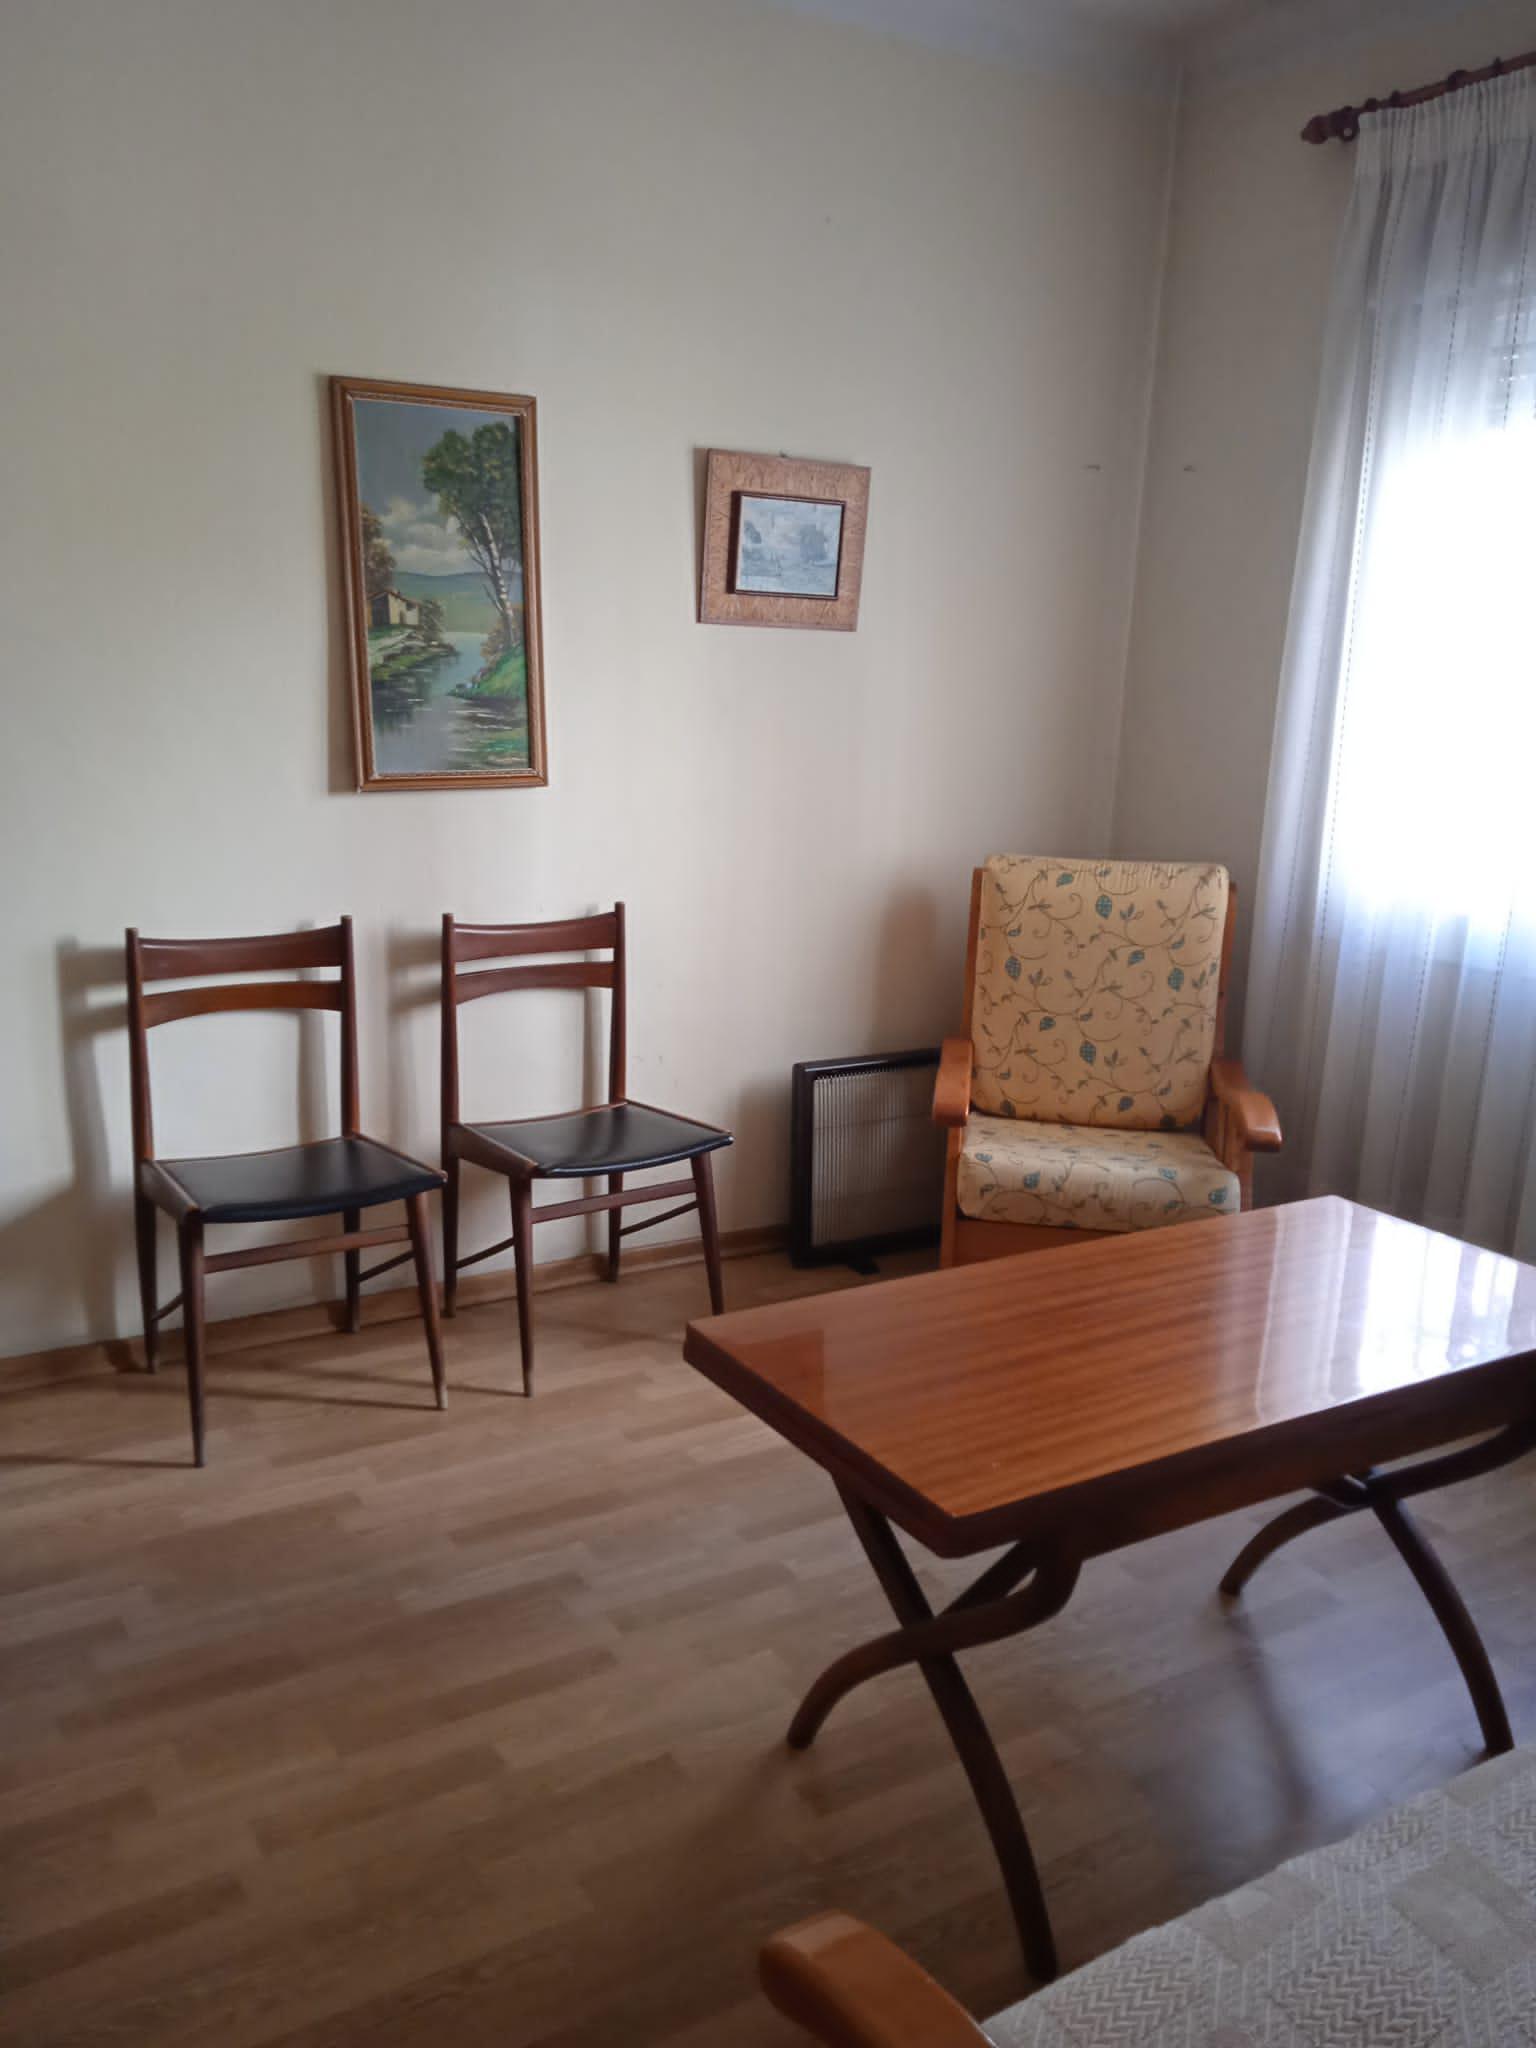 Imagen 2 Piso en venta en Girona / Pis  de 97 m2 al carrer de la creu  de Girona.